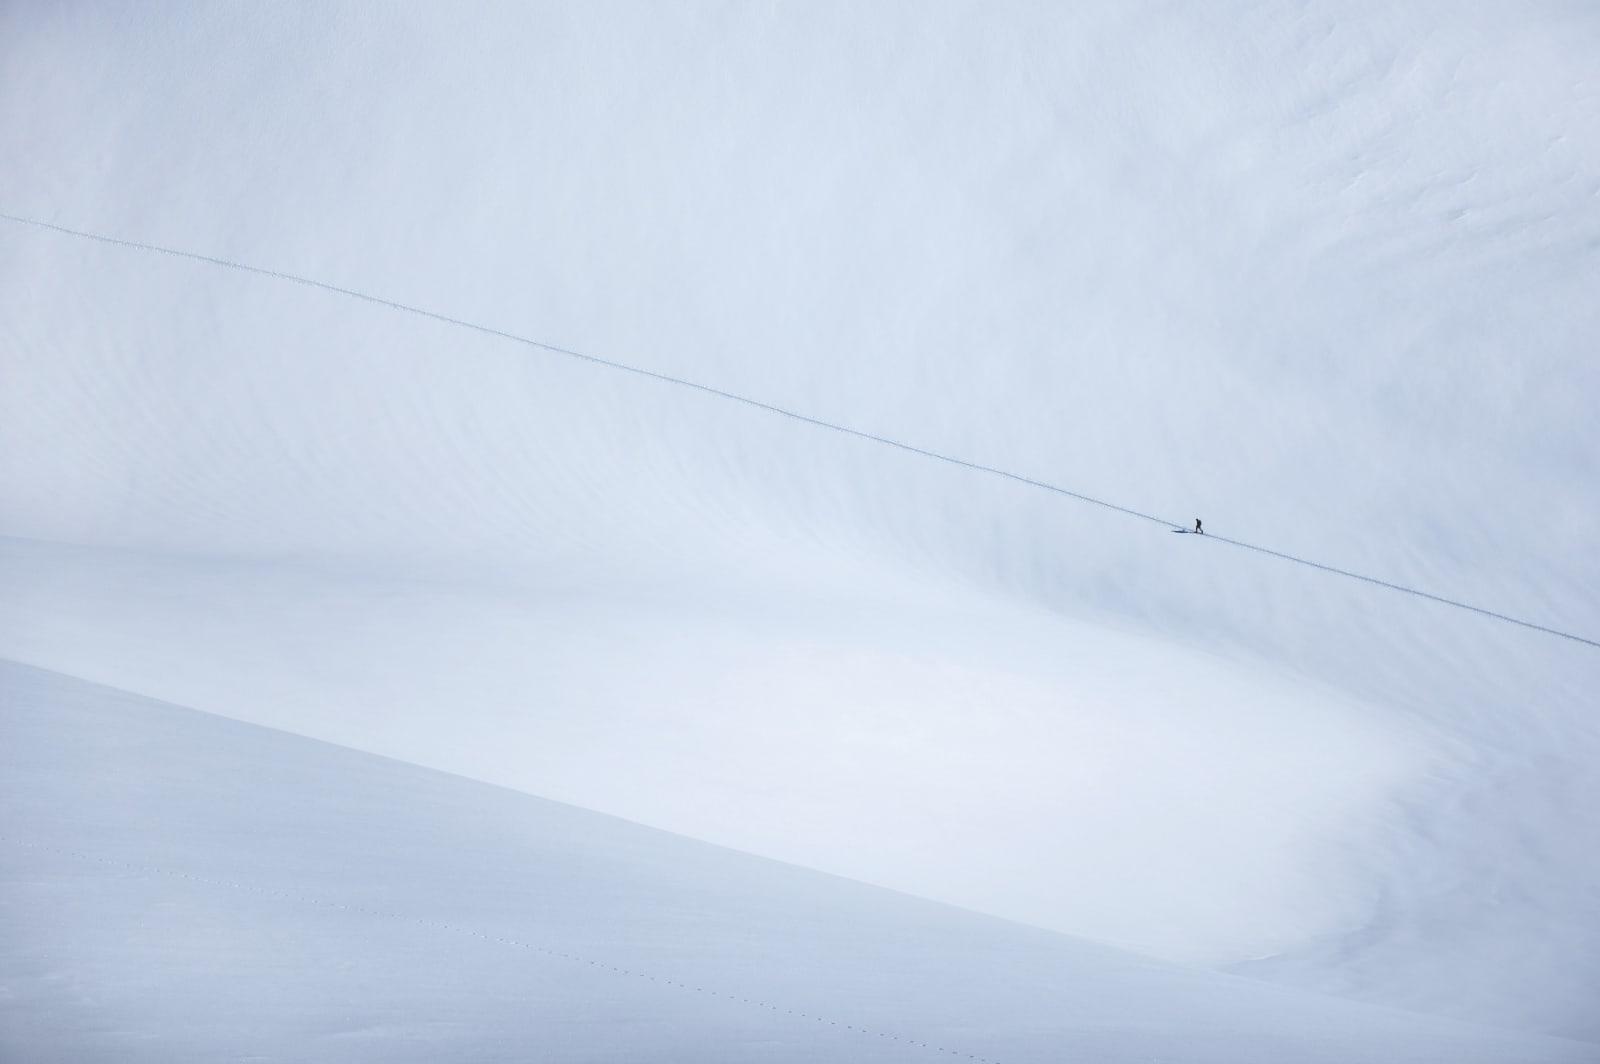 ALEINE: Olof Larsson skritter i vei, alene. Nedturen skal han dele med gode venner.